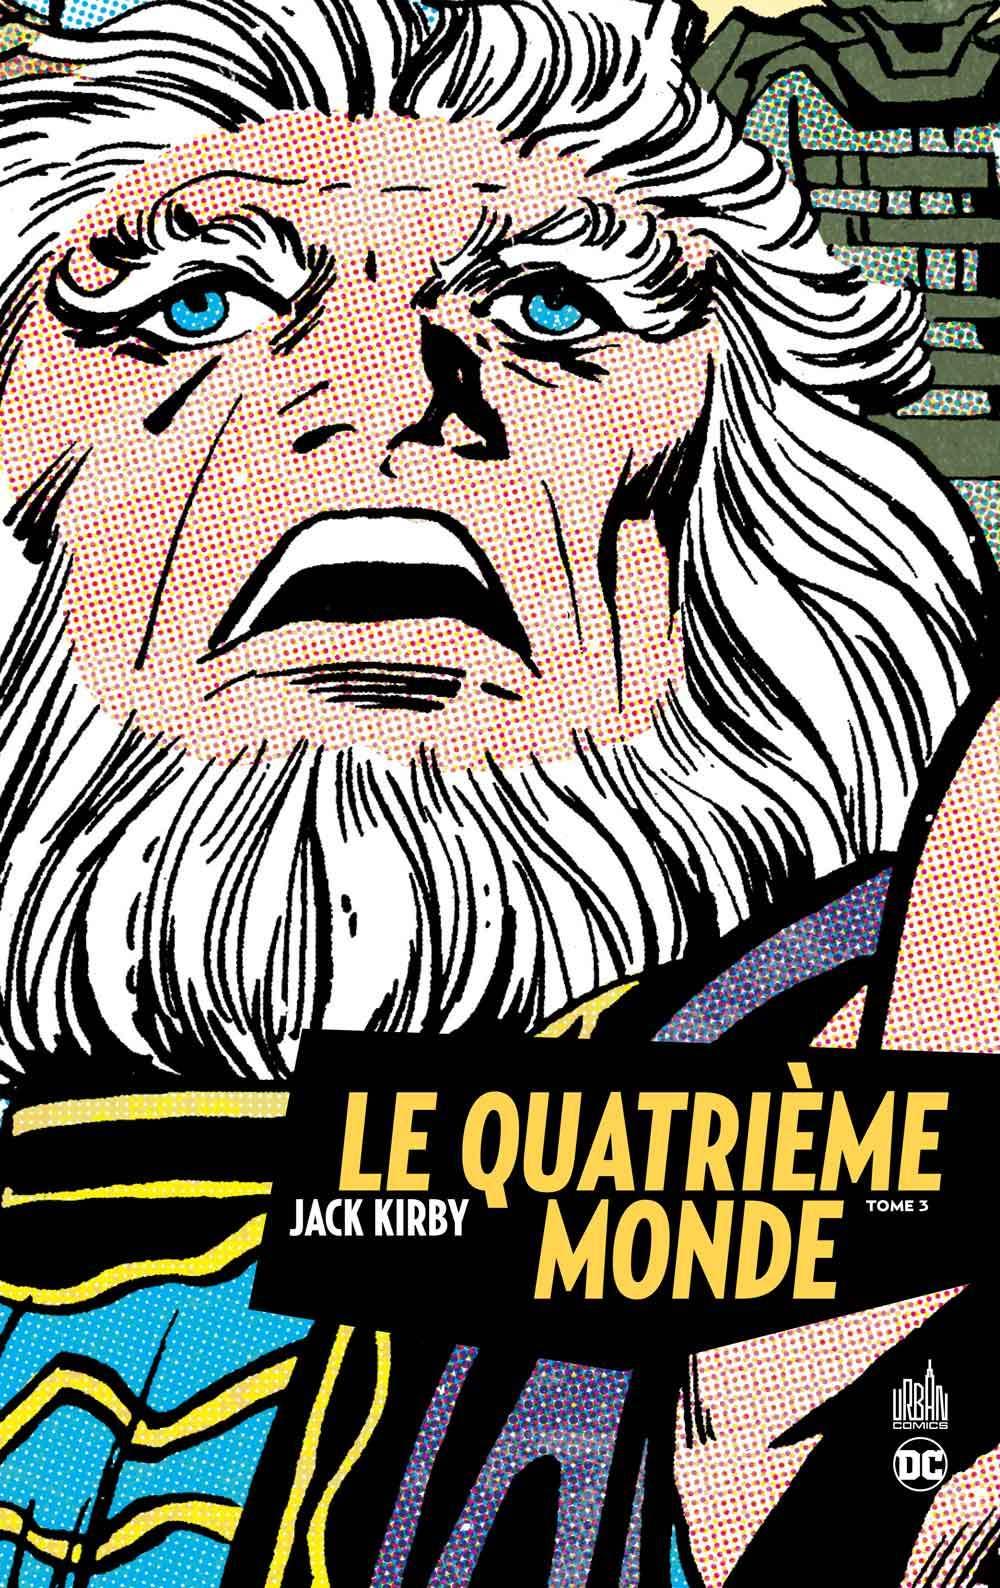 LE QUATRIEME MONDE - QUATRIEME MONDE (LE) - TOME 3